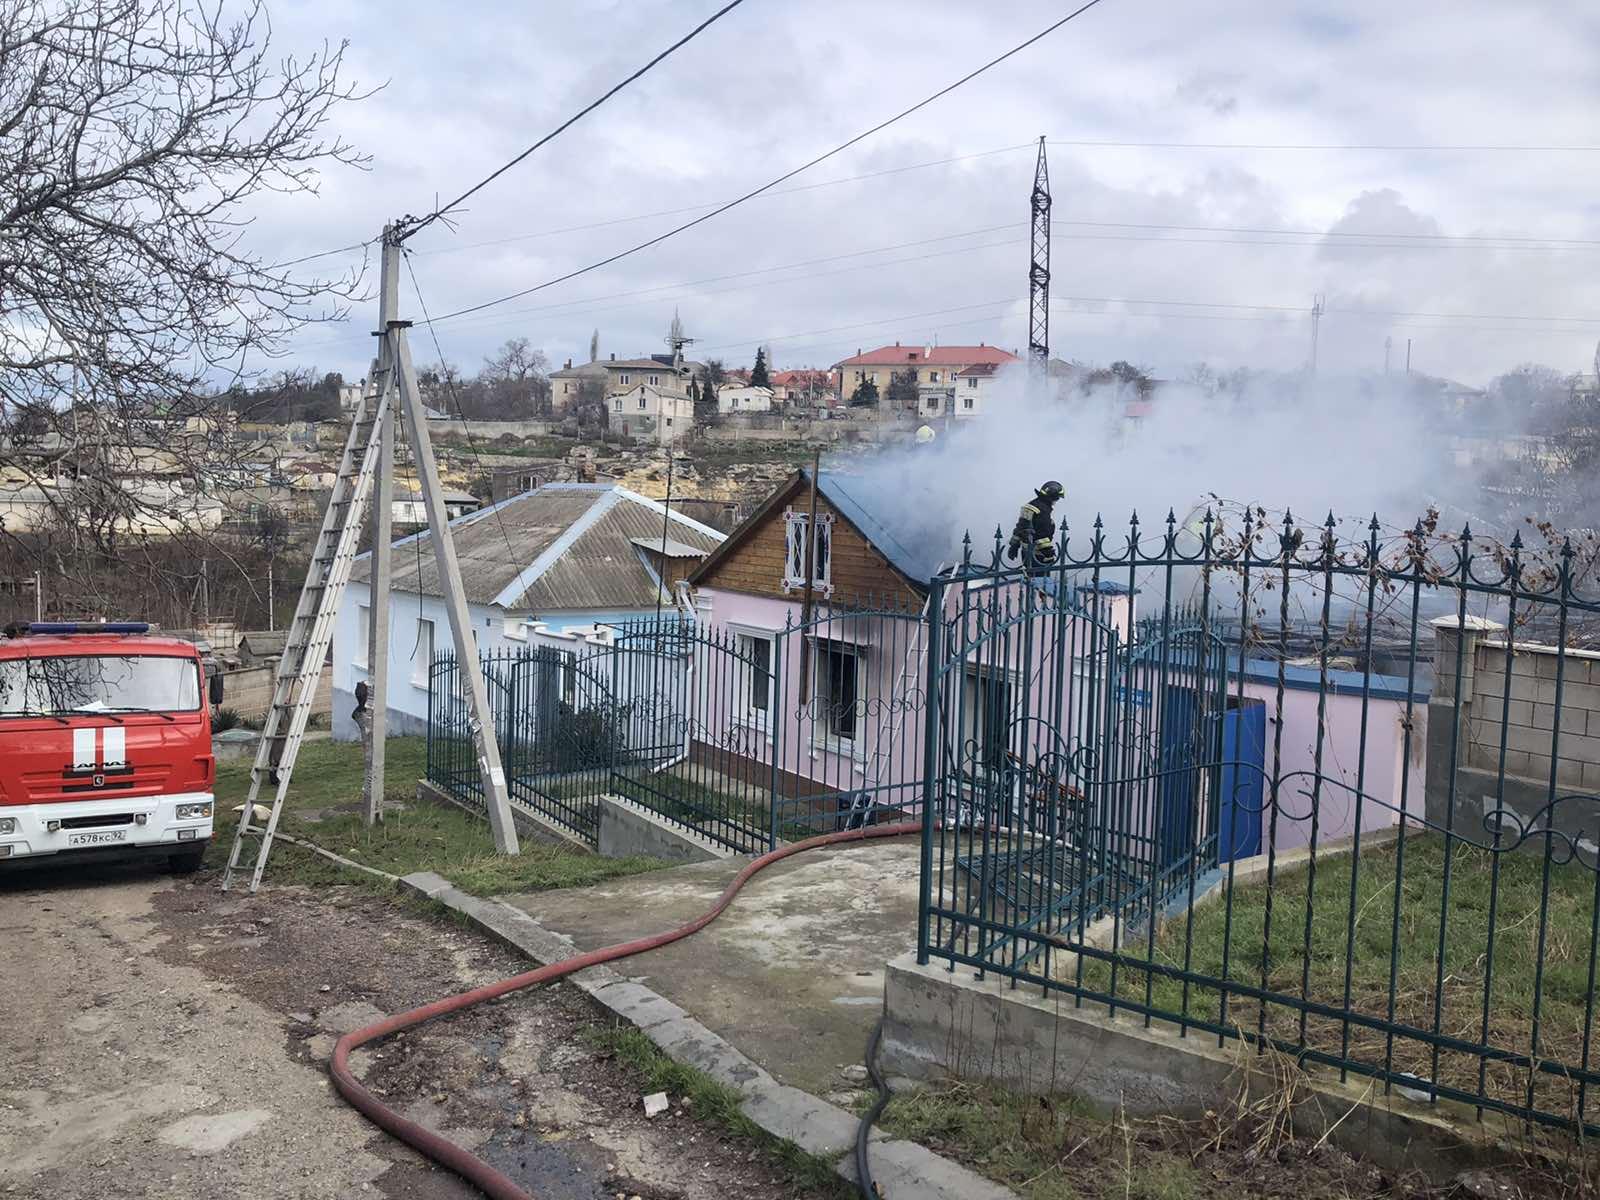 В Севастополе на пожаре пострадали два человека: с ожогами в больнице